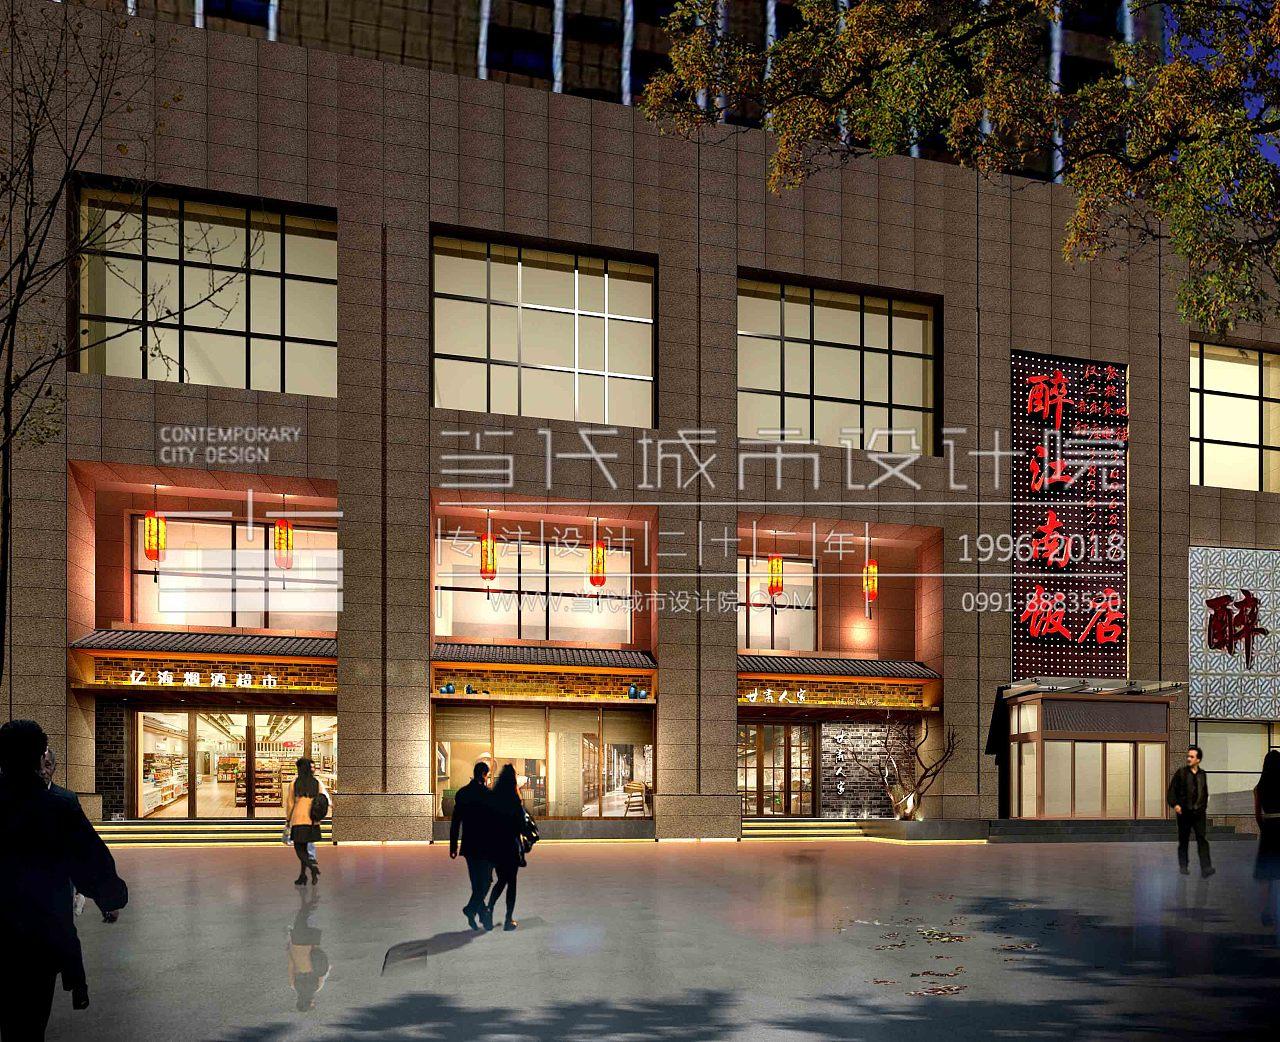 当代城市设计院|甘肃人家素材空间设计设计图网站餐饮花瓣图片